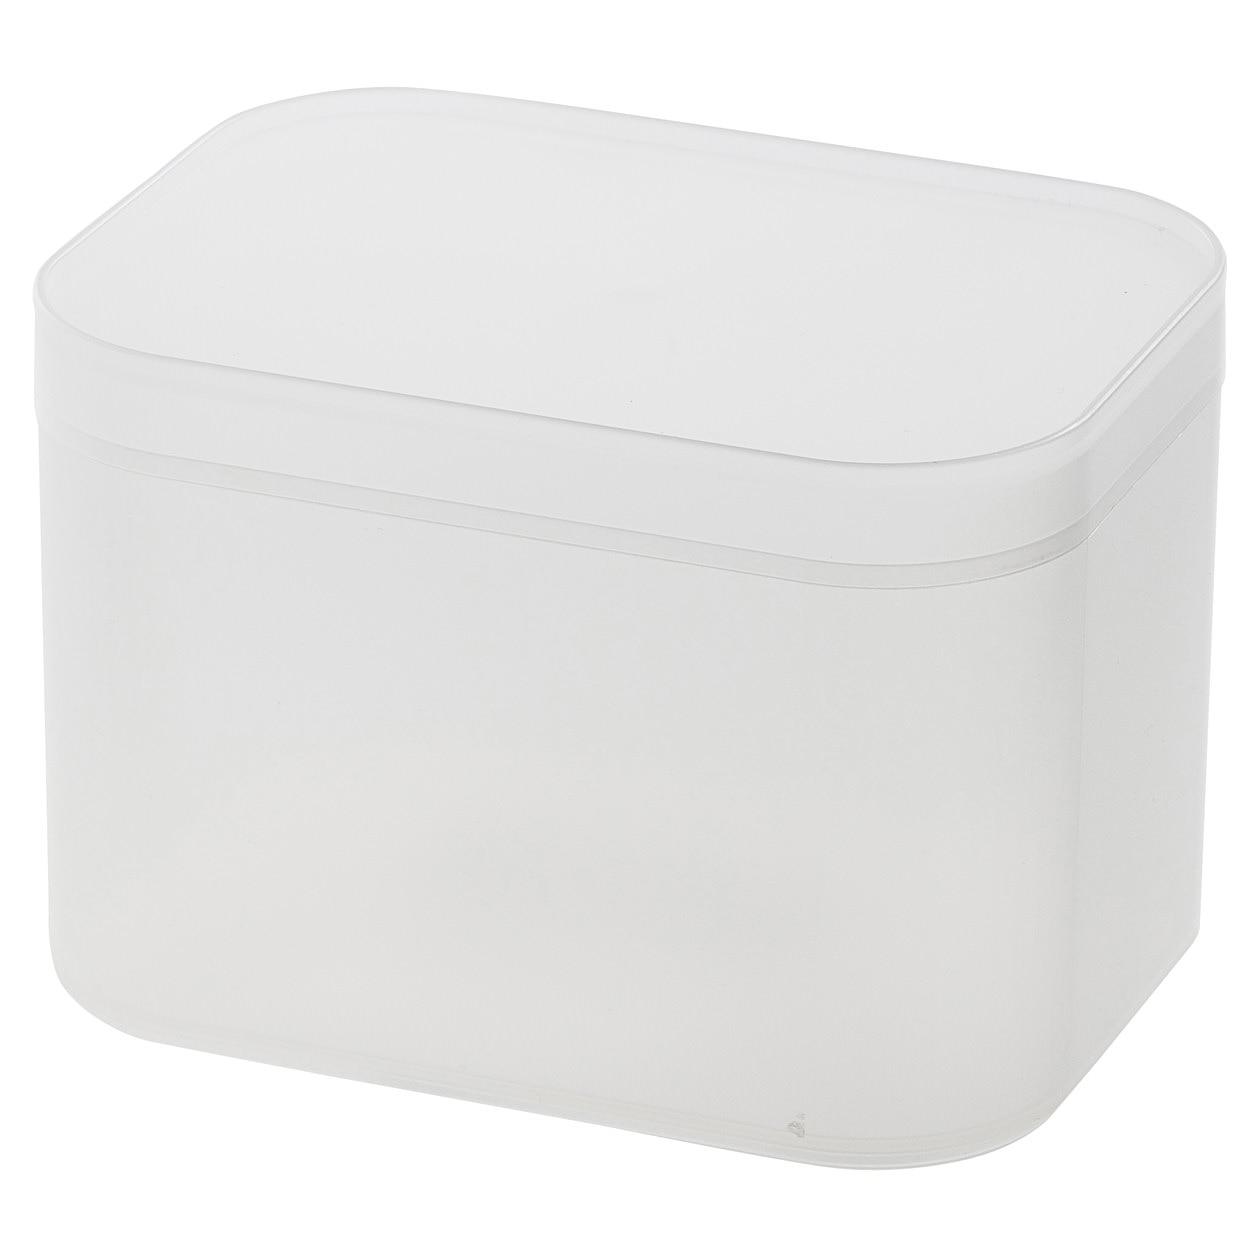 ポリプロピレンメイクボックス・蓋付・小の写真